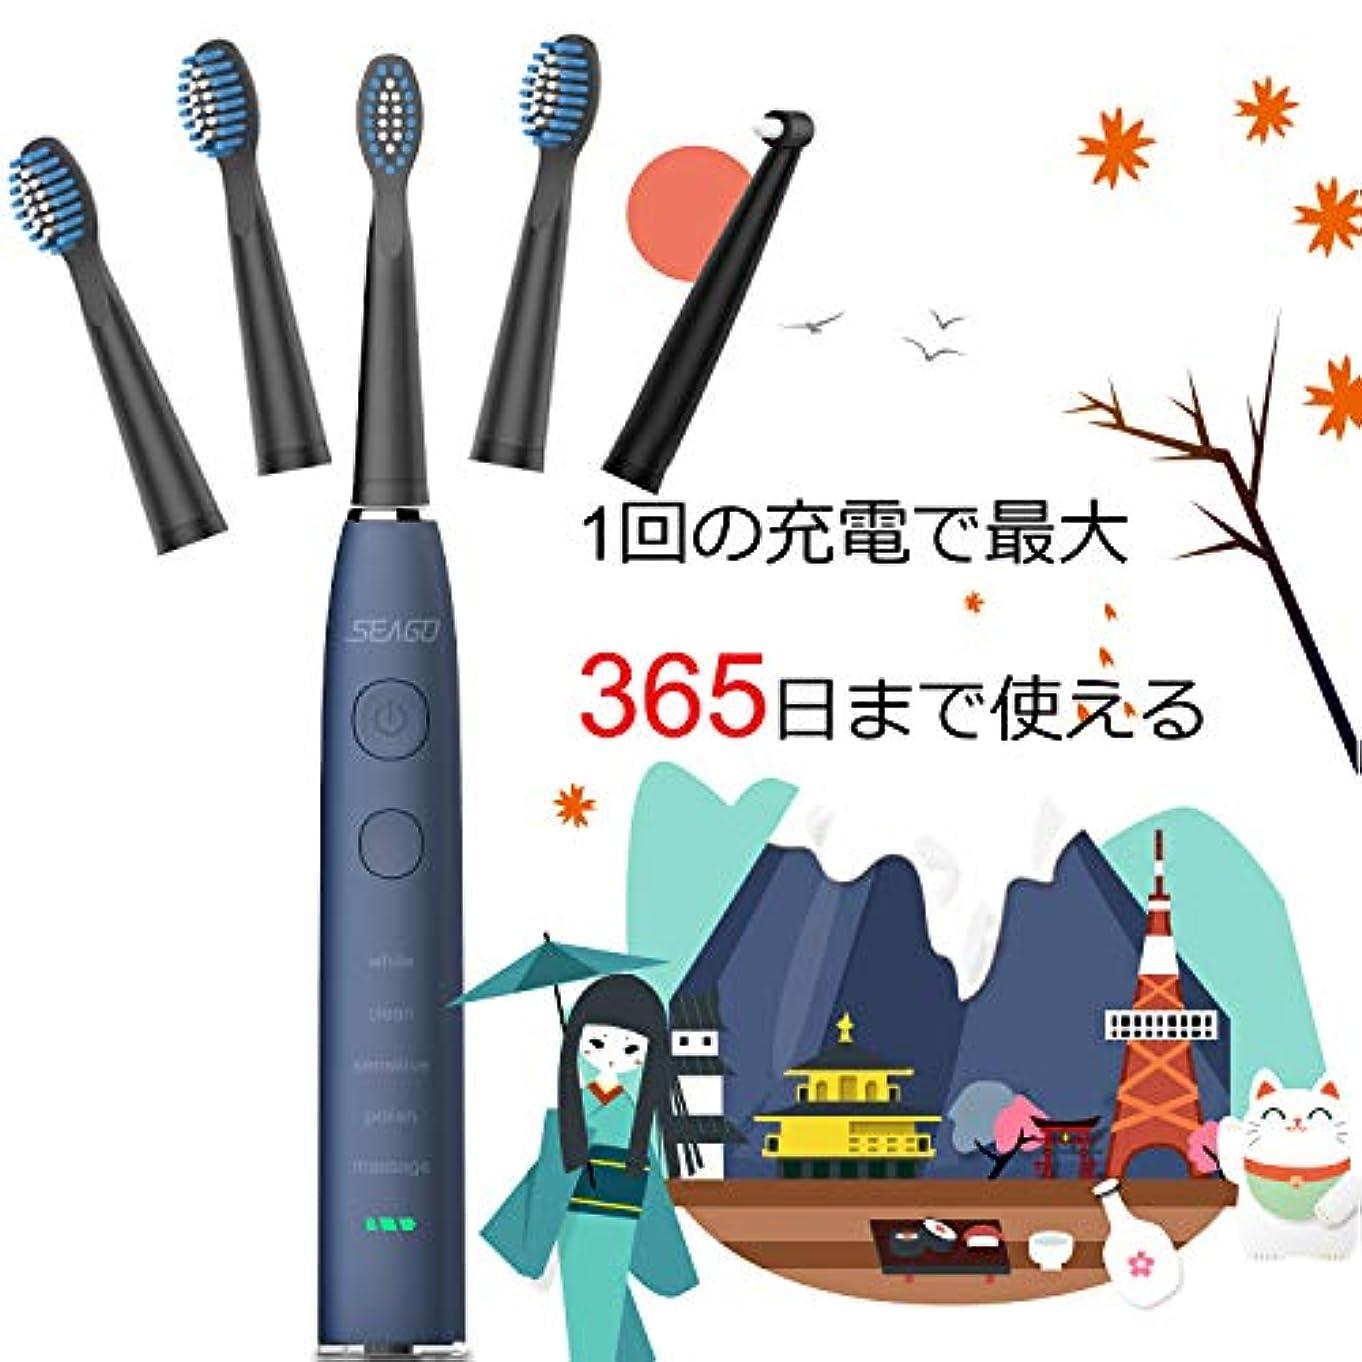 ジョグ装置対処する電動歯ブラシ 歯ブラシ seago 音波歯ブラシ USB充電式8時間 365日に使用 IPX7防水 五つモードと2分オートタイマー機能搭載 替えブラシ5本 12ヶ月メーカー保証 SG-575(ブルー)